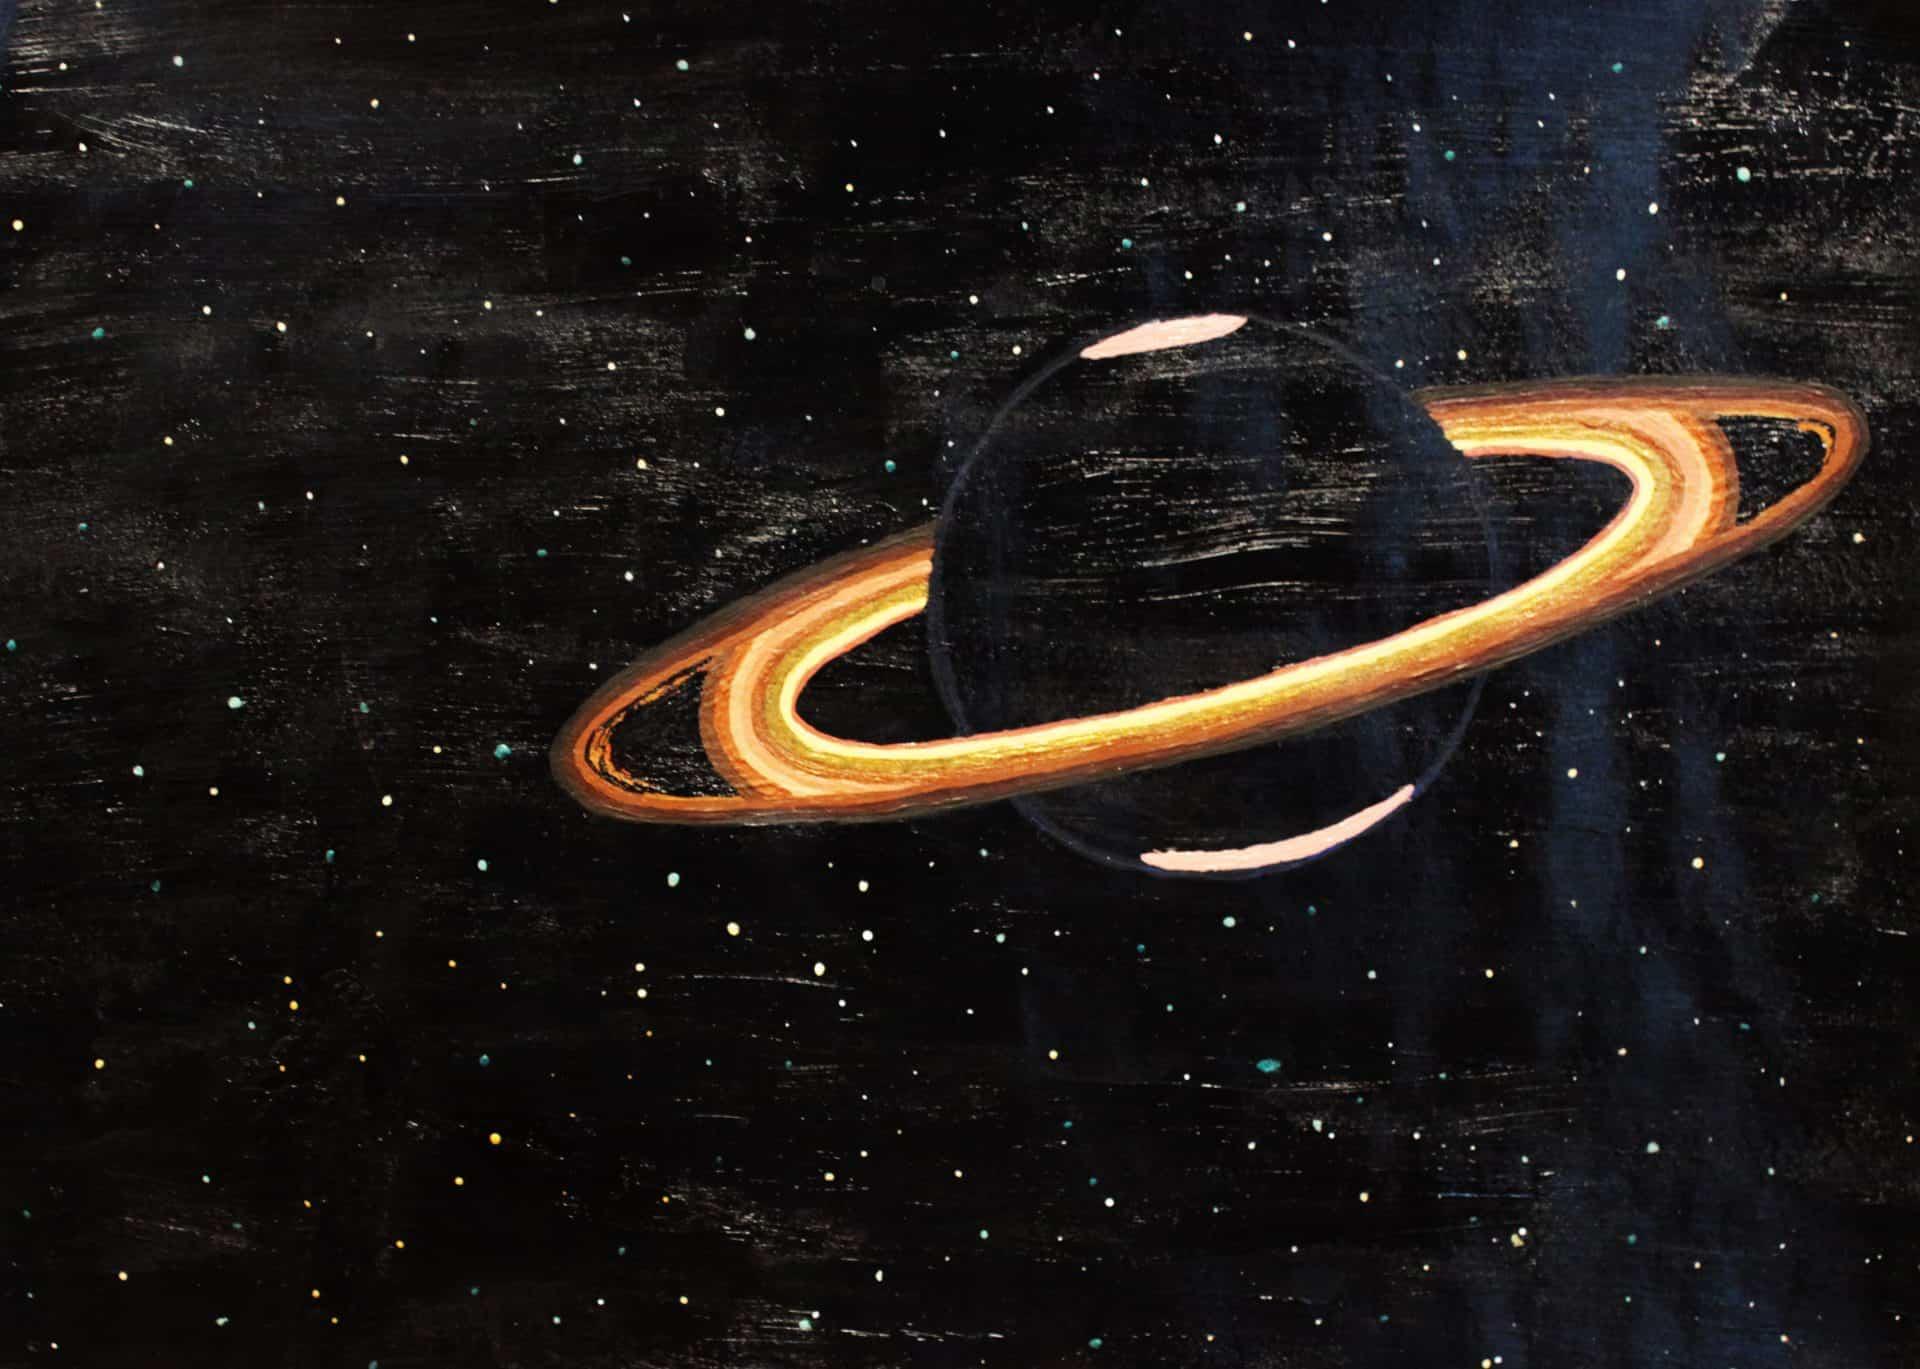 Peinture - une planète avec des anneaux dans l'espace